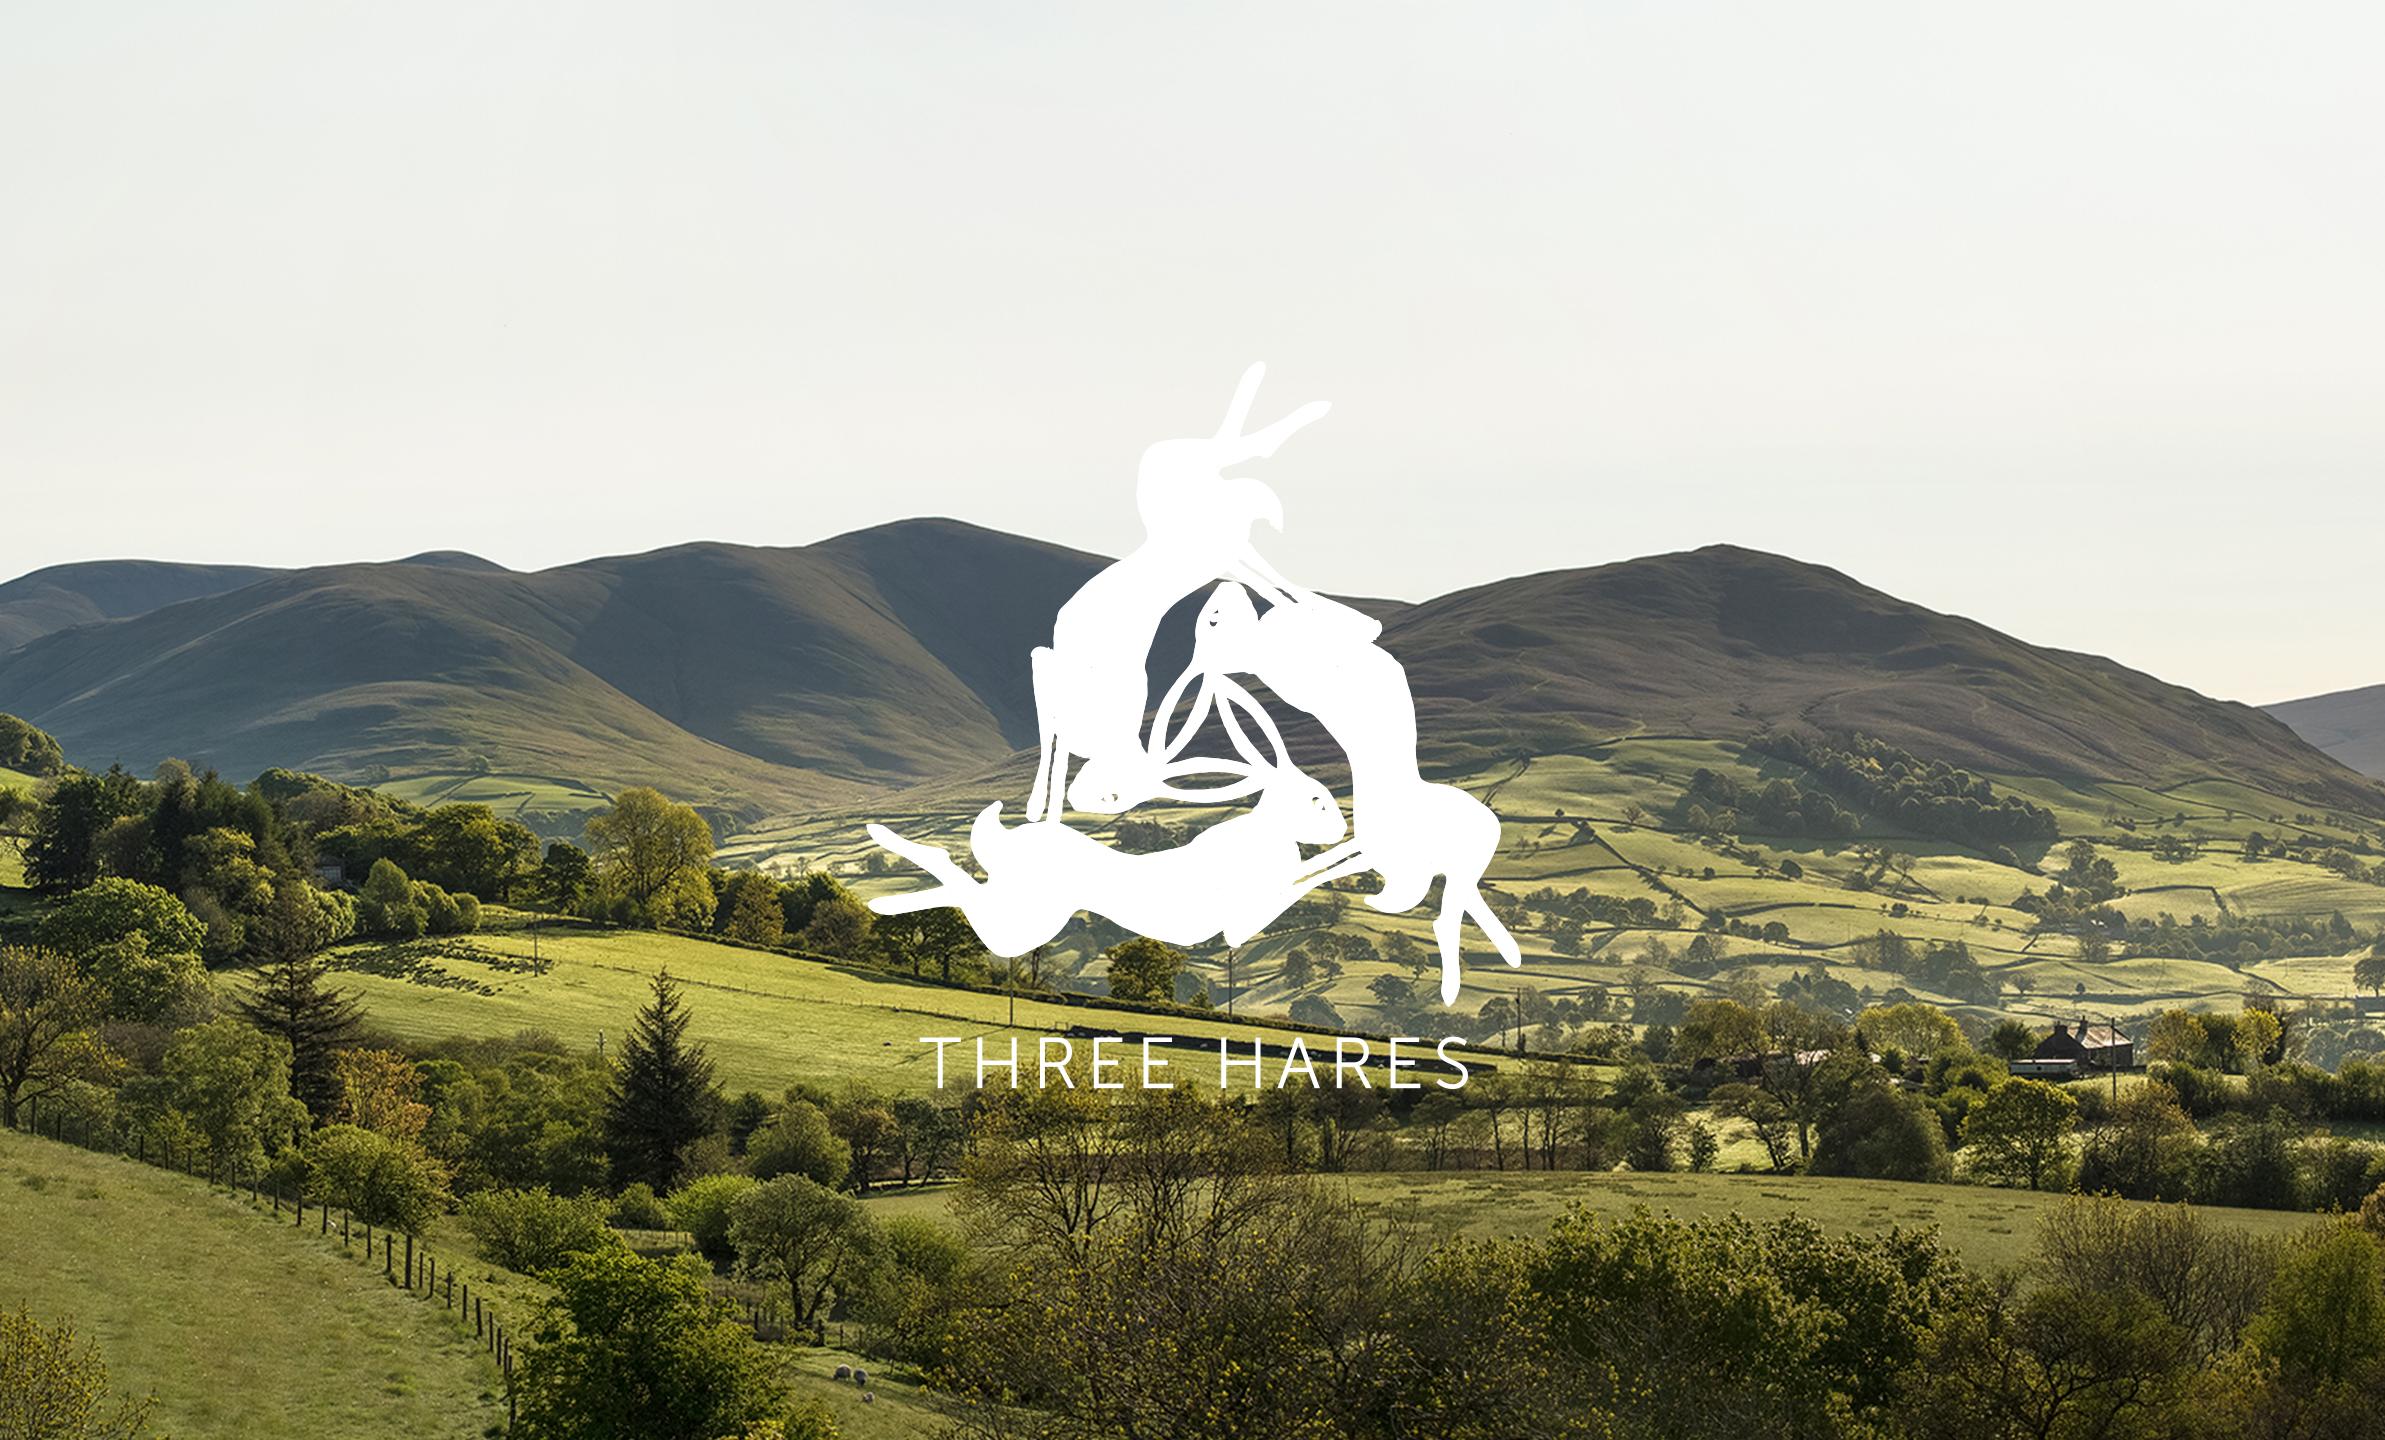 TH-branding.png